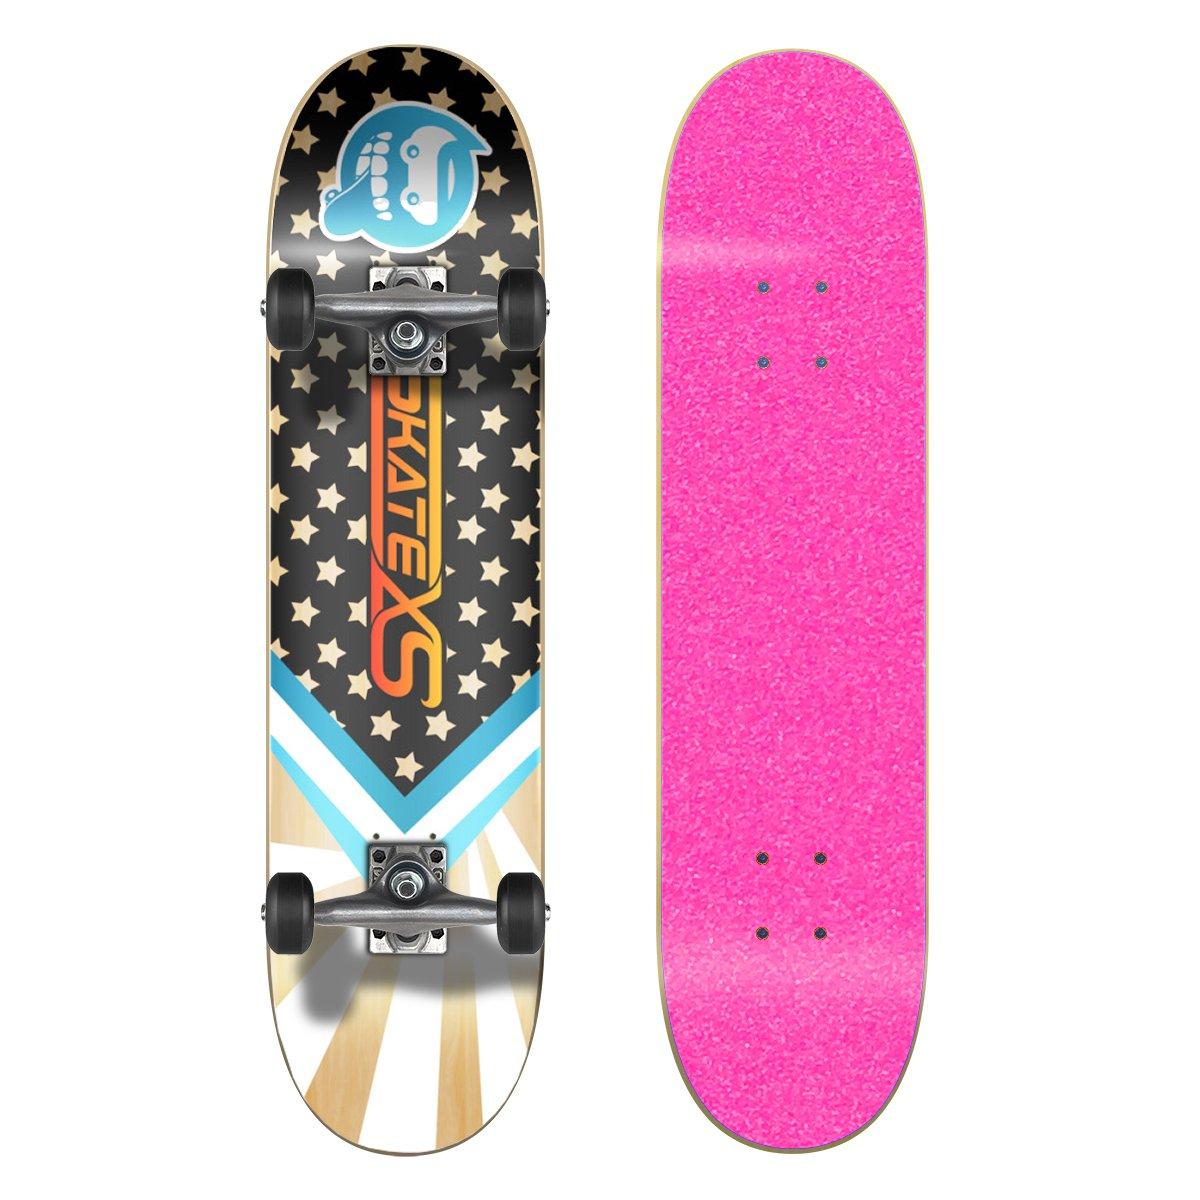 ★お求めやすく価格改定★ SkateXS 初心者 スターボード ストリート スケートボード Black B01N6CXZJH Wheels 7.0 7.0 x 28 (Ages 5-7)|Pink Grip Tape/ Black Wheels Pink Grip Tape/ Black Wheels 7.0 x 28 (Ages 5-7), ニシゴウムラ:86c514c5 --- a0267596.xsph.ru